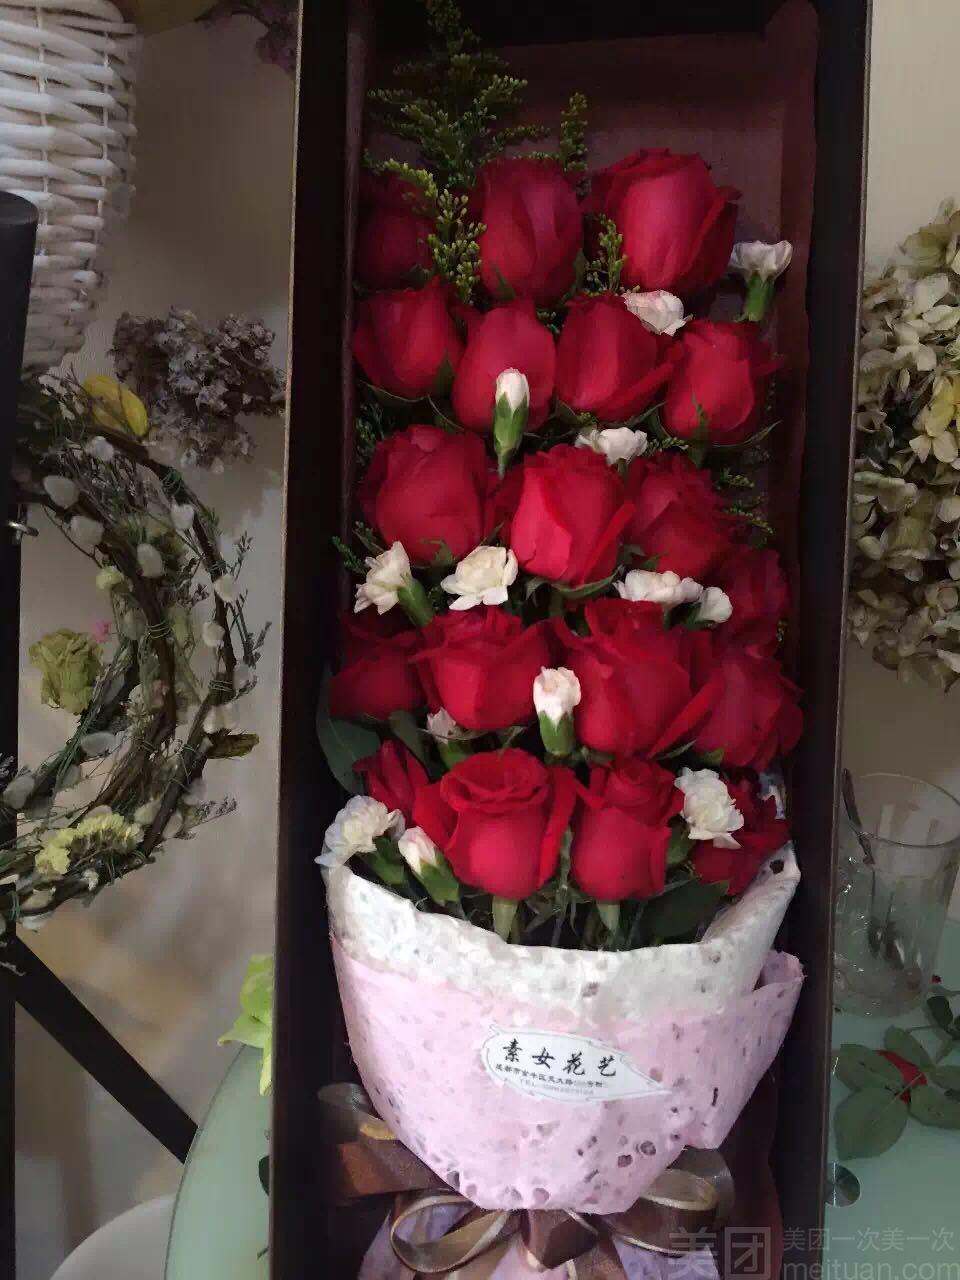 情人节生日礼物送女朋友送爱人11支精致玫瑰花礼盒包装